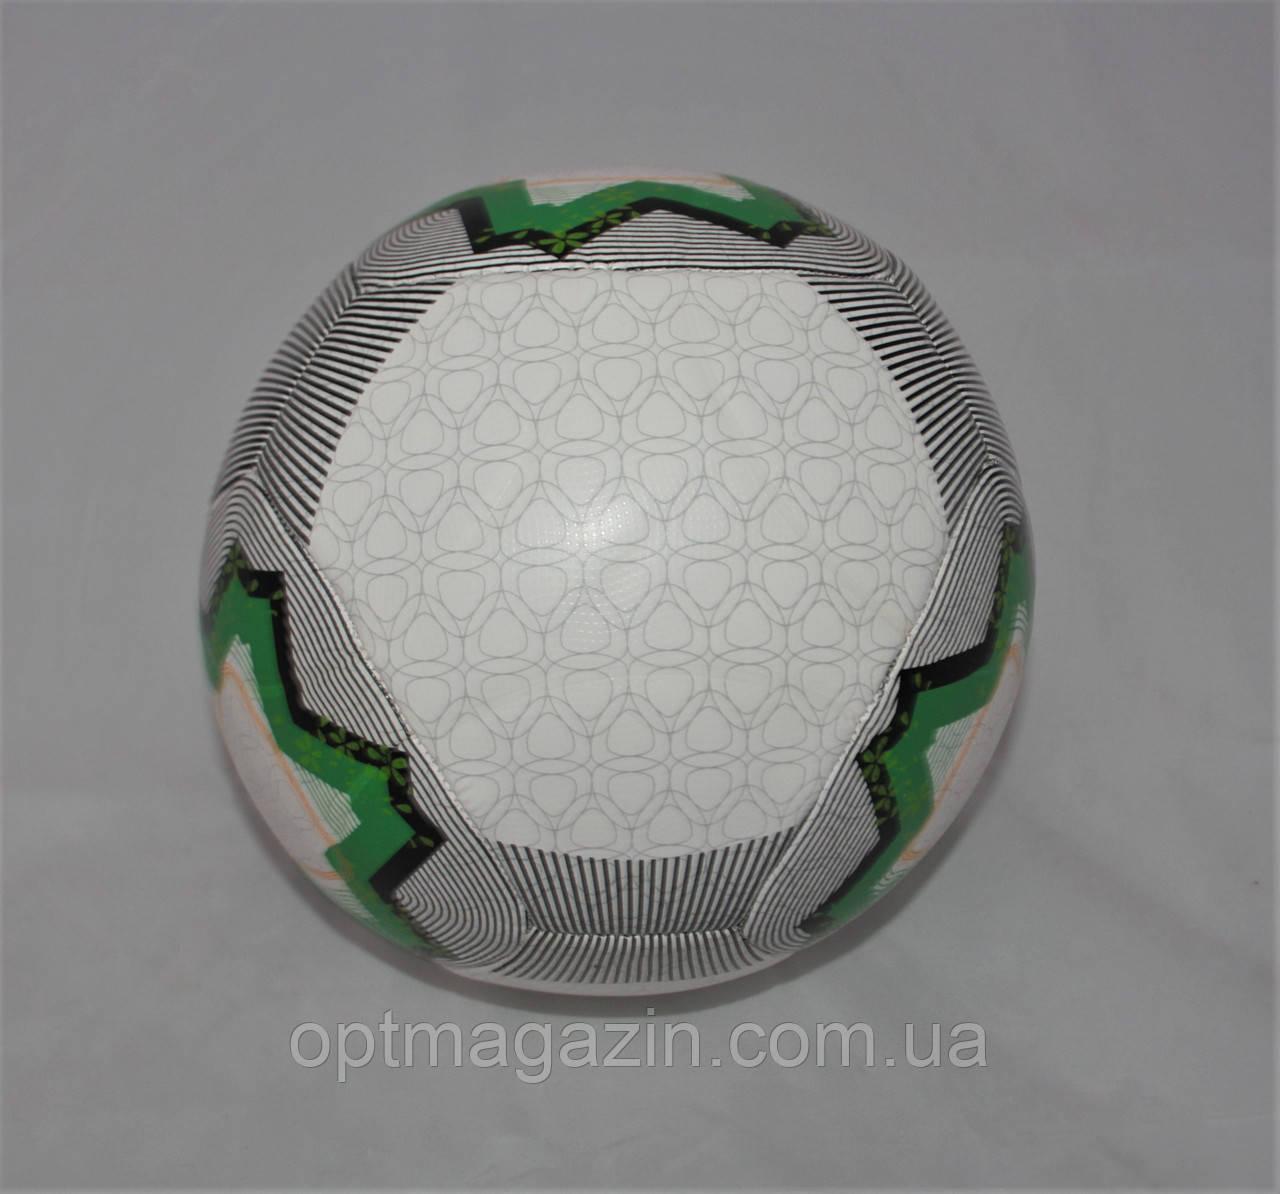 Мяч футбольный 25573-11